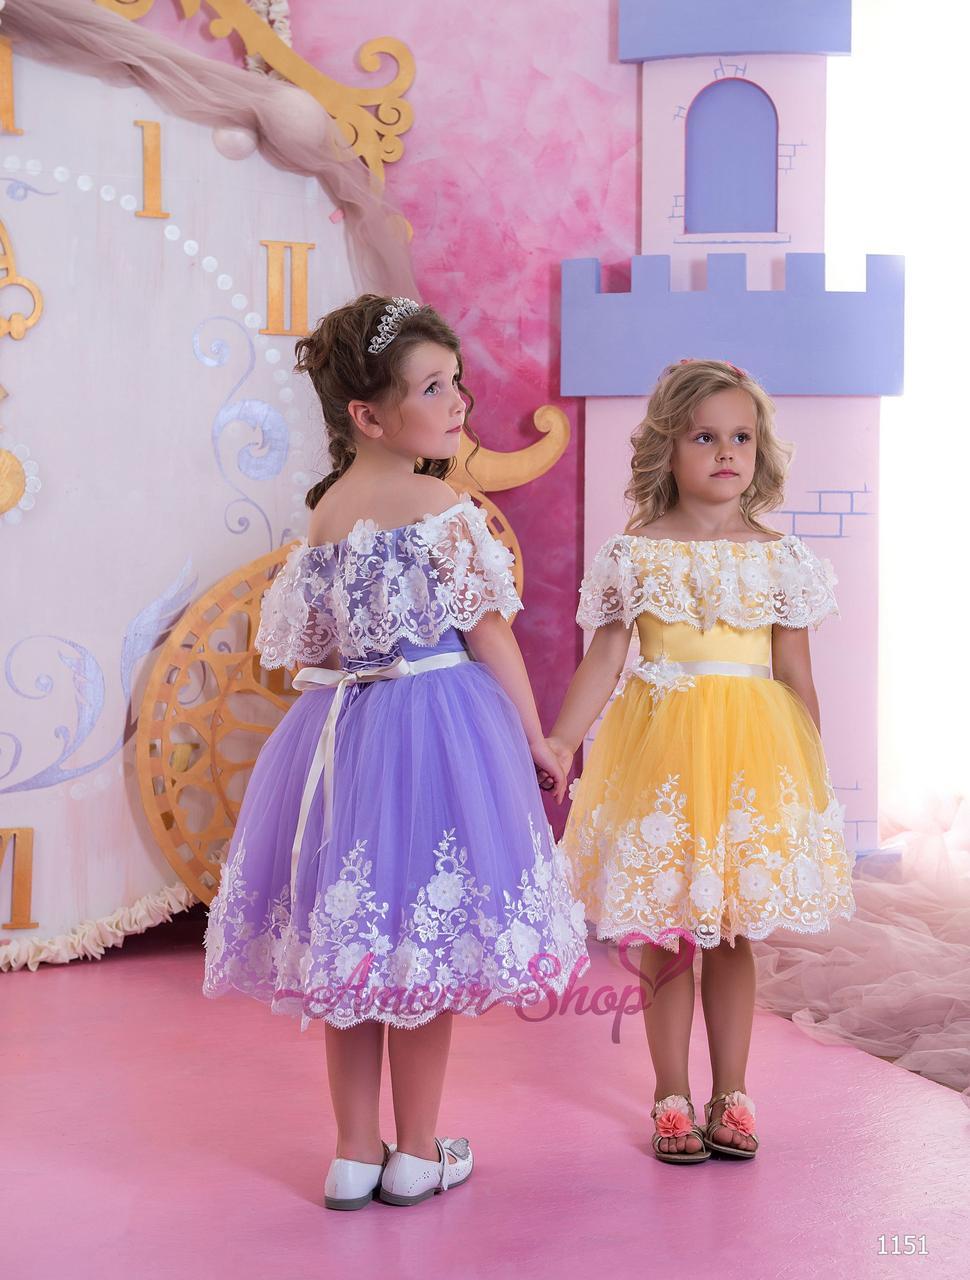 Детское нарядное выпускное платье на девочку 4,5,6,7,8,9,10,11лет (в садик, 4 класс),  1151